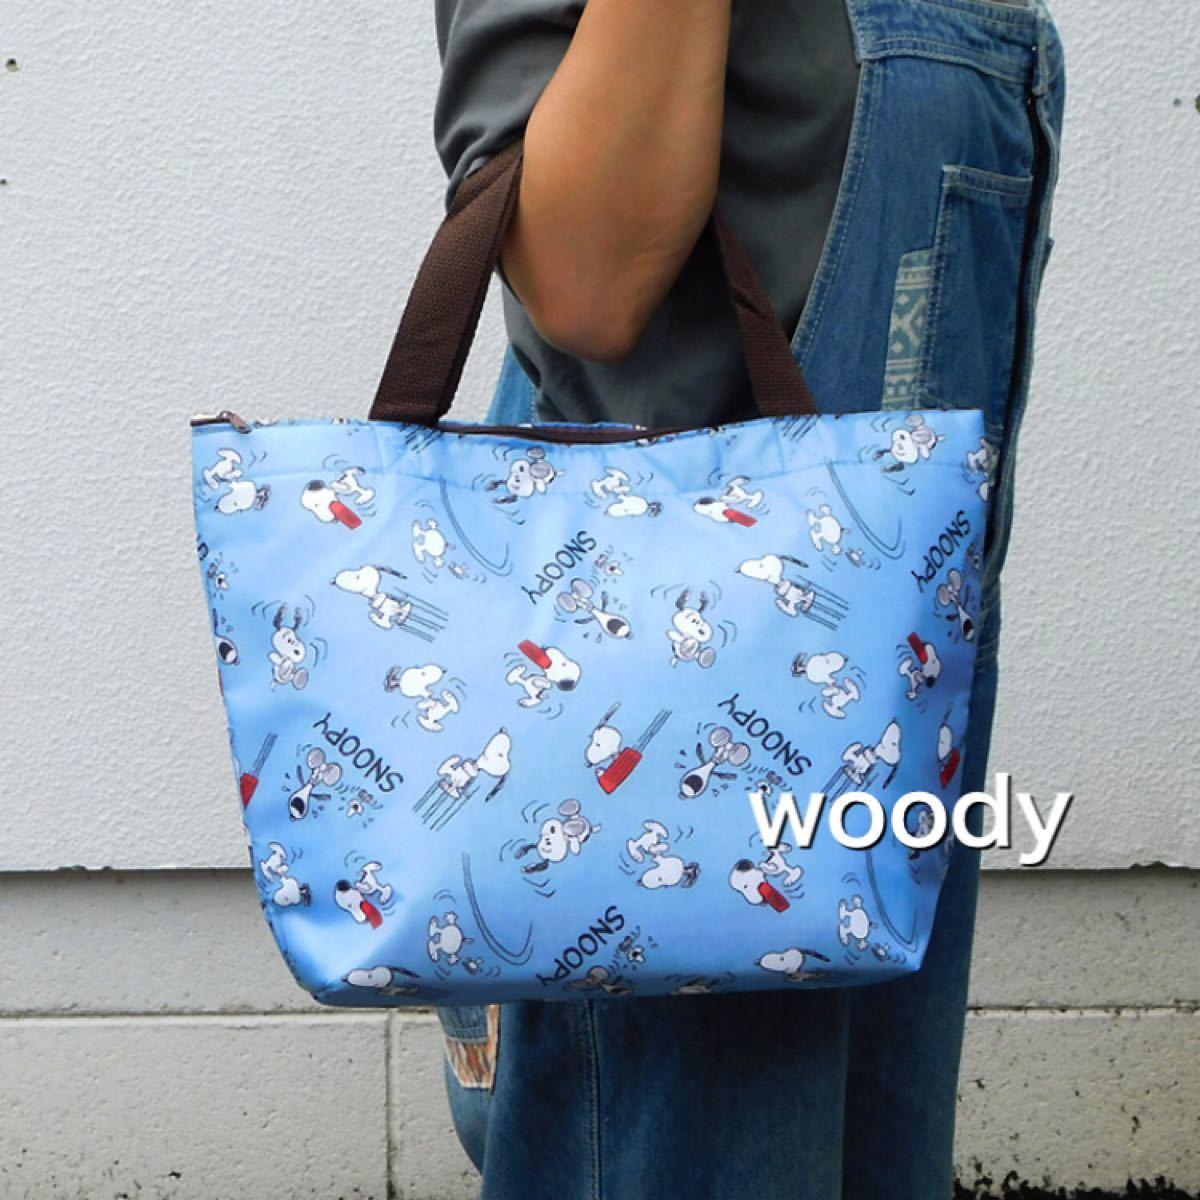 スヌーピー 保冷温 トートバッグ 保冷バッグ レジバッグ レディース クーラーバッグ エコバッグ レジャー 花見 青 ブルー